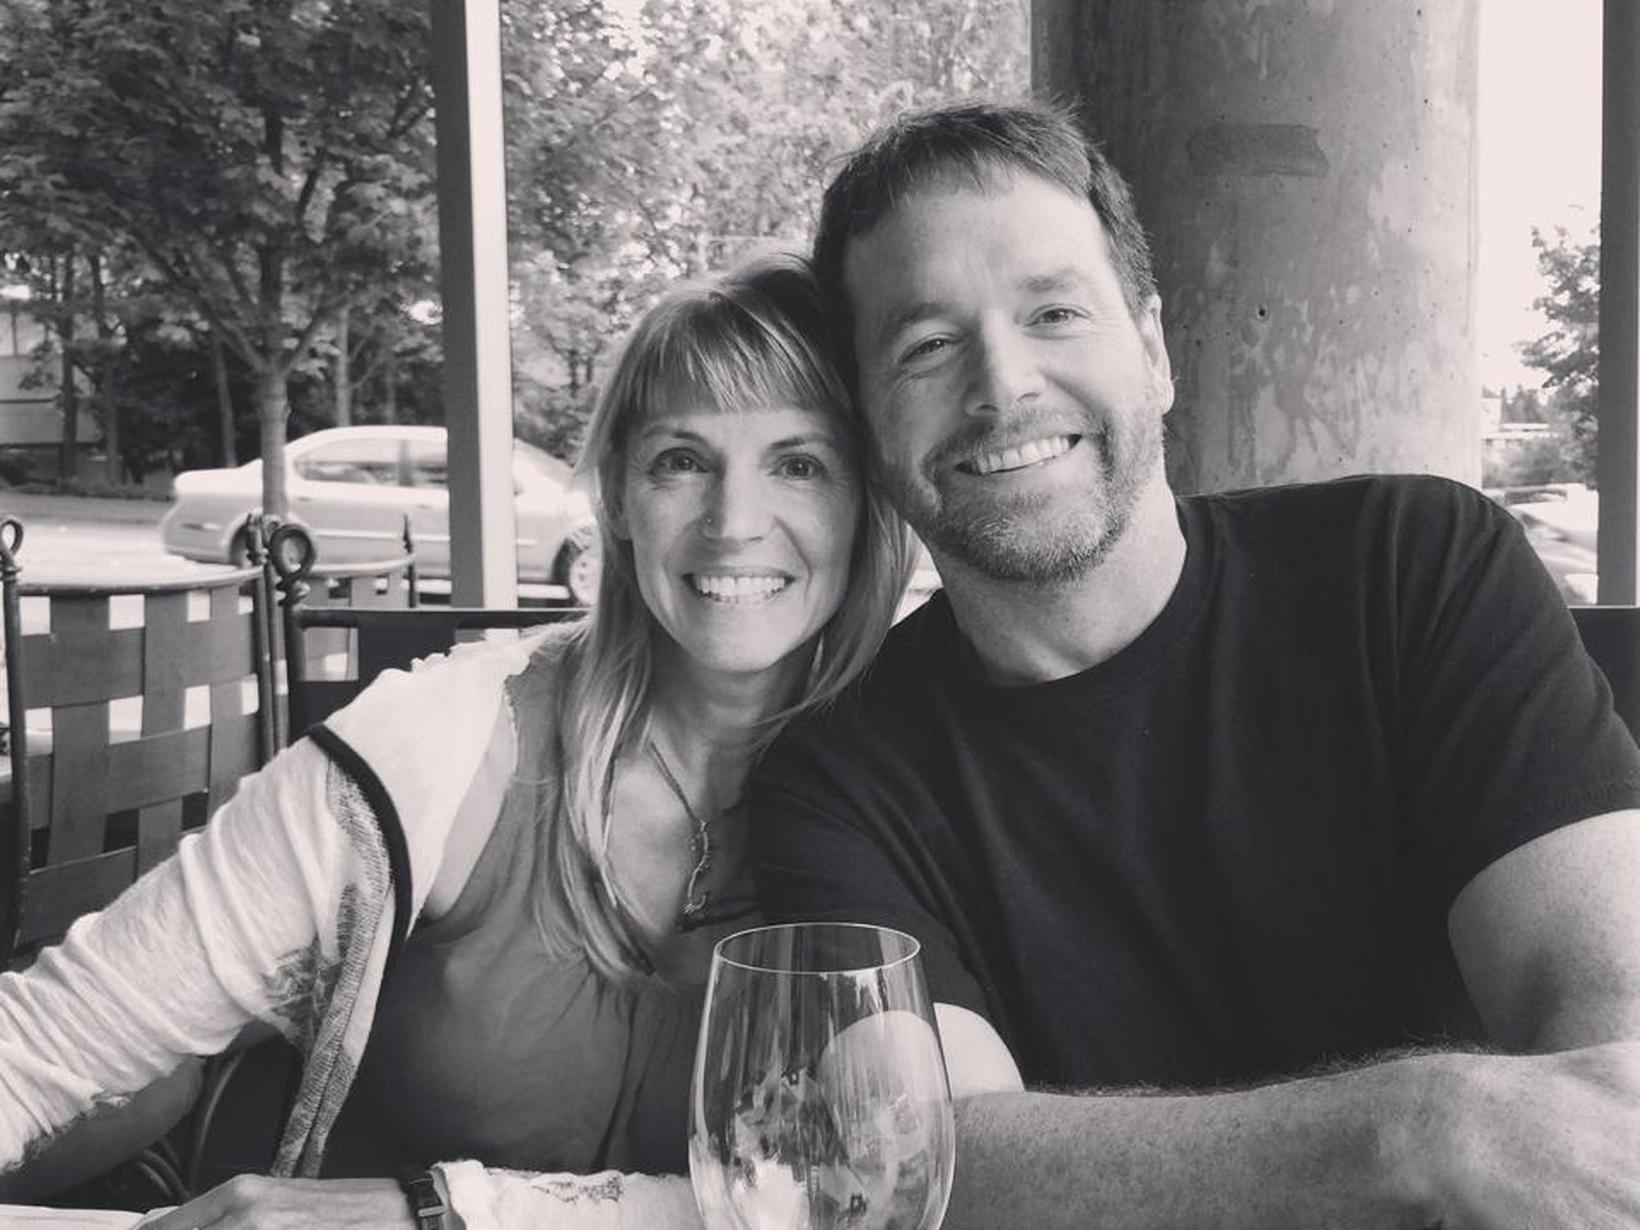 Mari & Dave from Seattle, Washington, United States